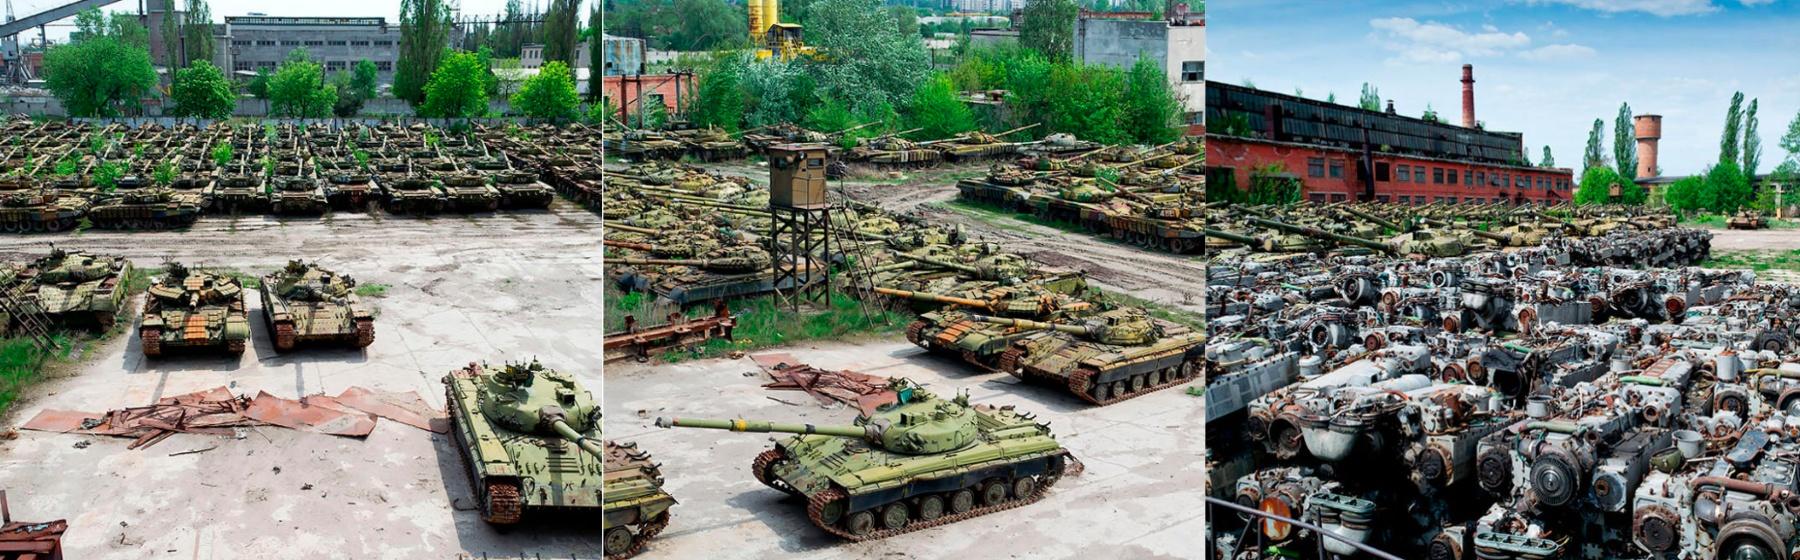 Ecco com'è fatto un cimitero di carri armati